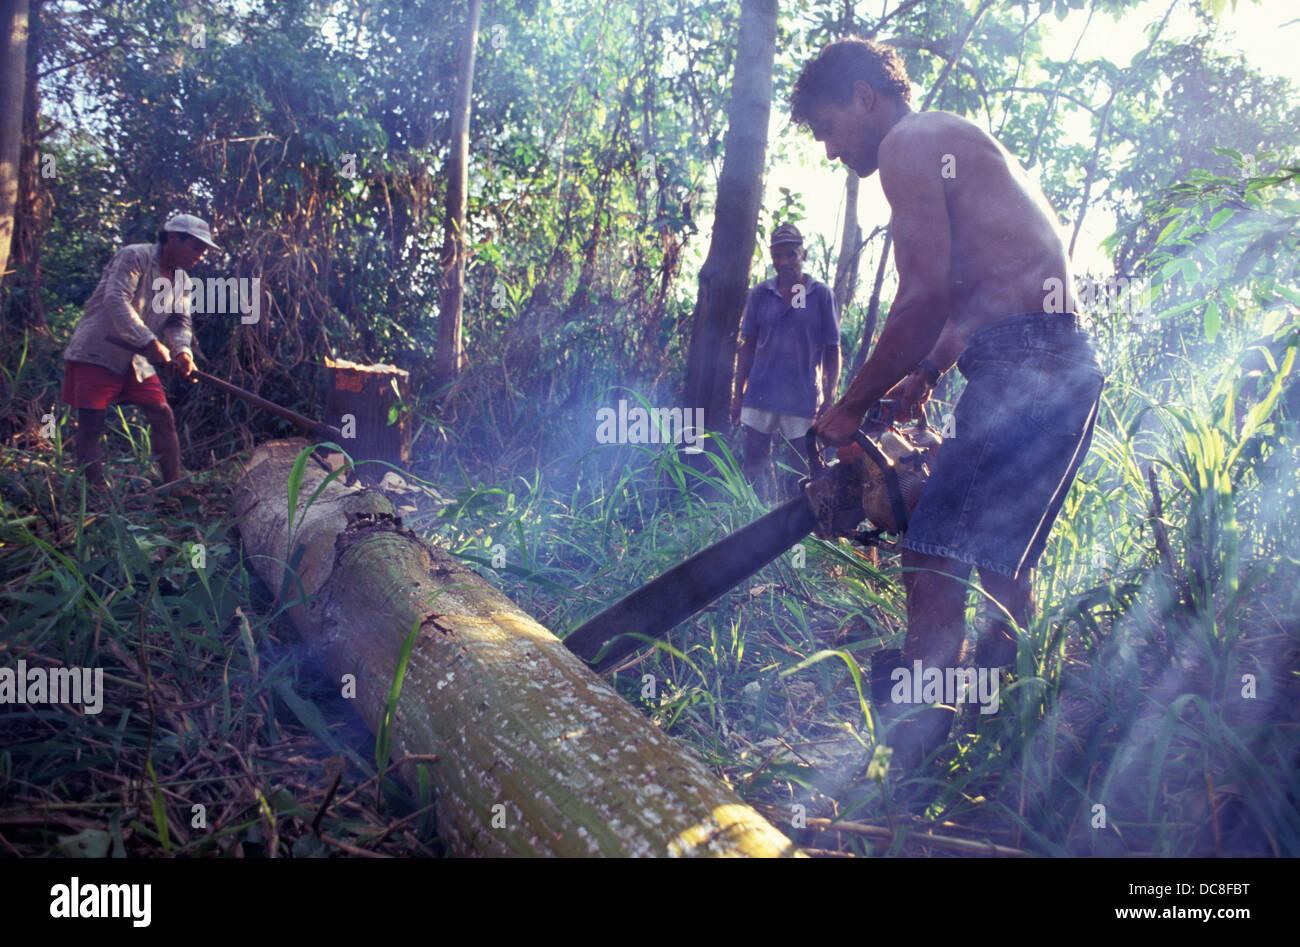 La tala ilegal, la tala de árboles con motosierra, la deforestación de los bosques amazónicos. Imagen De Stock